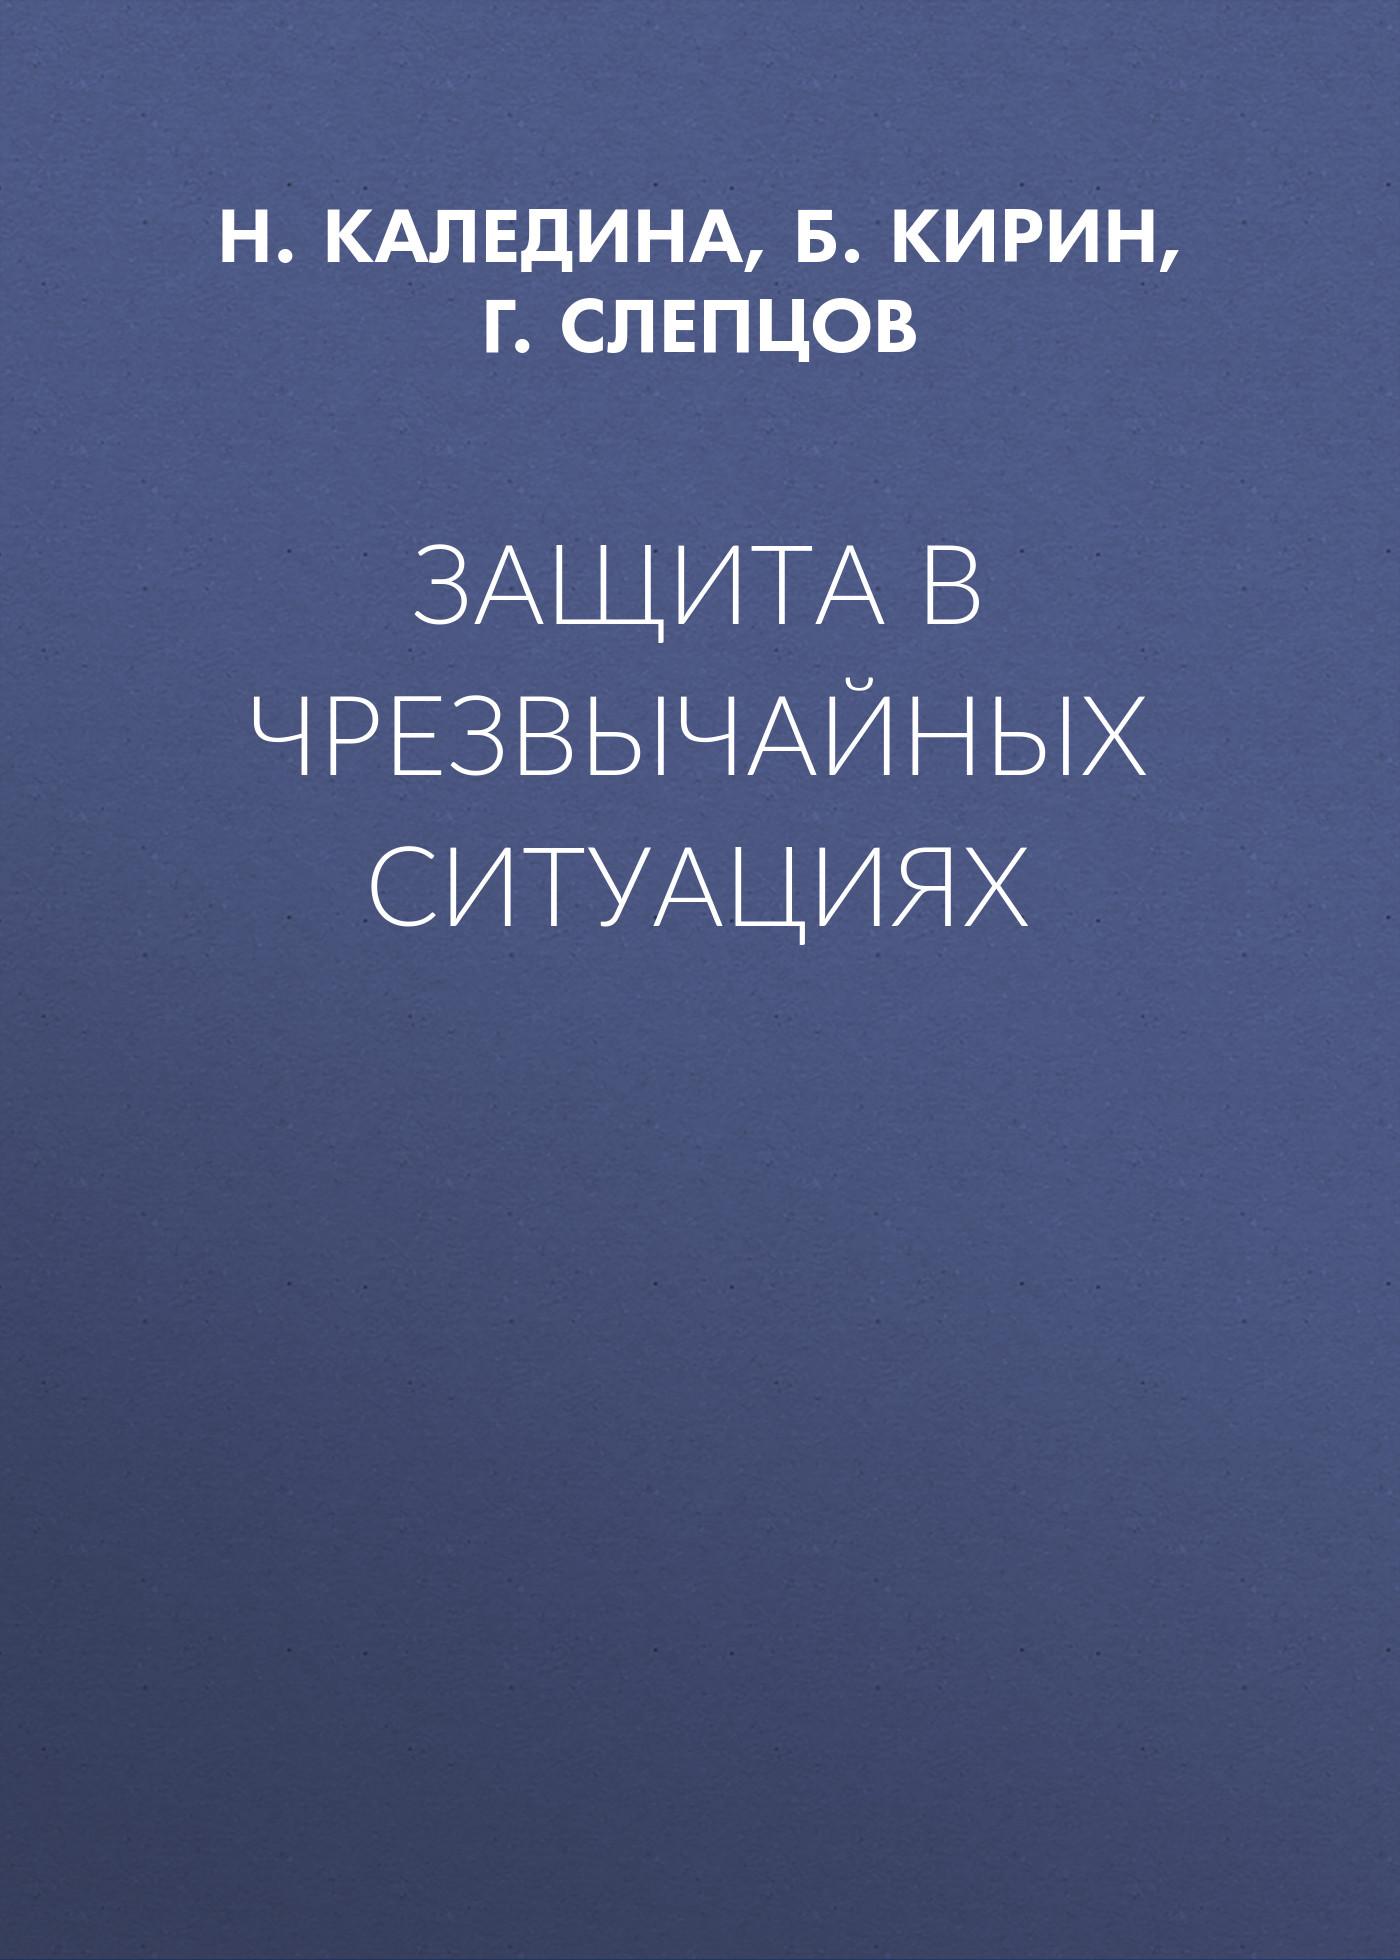 Н. Каледина Защита в чрезвычайных ситуациях б н кутузов технология и безопасность изготовления и применения вв на горных предприятиях